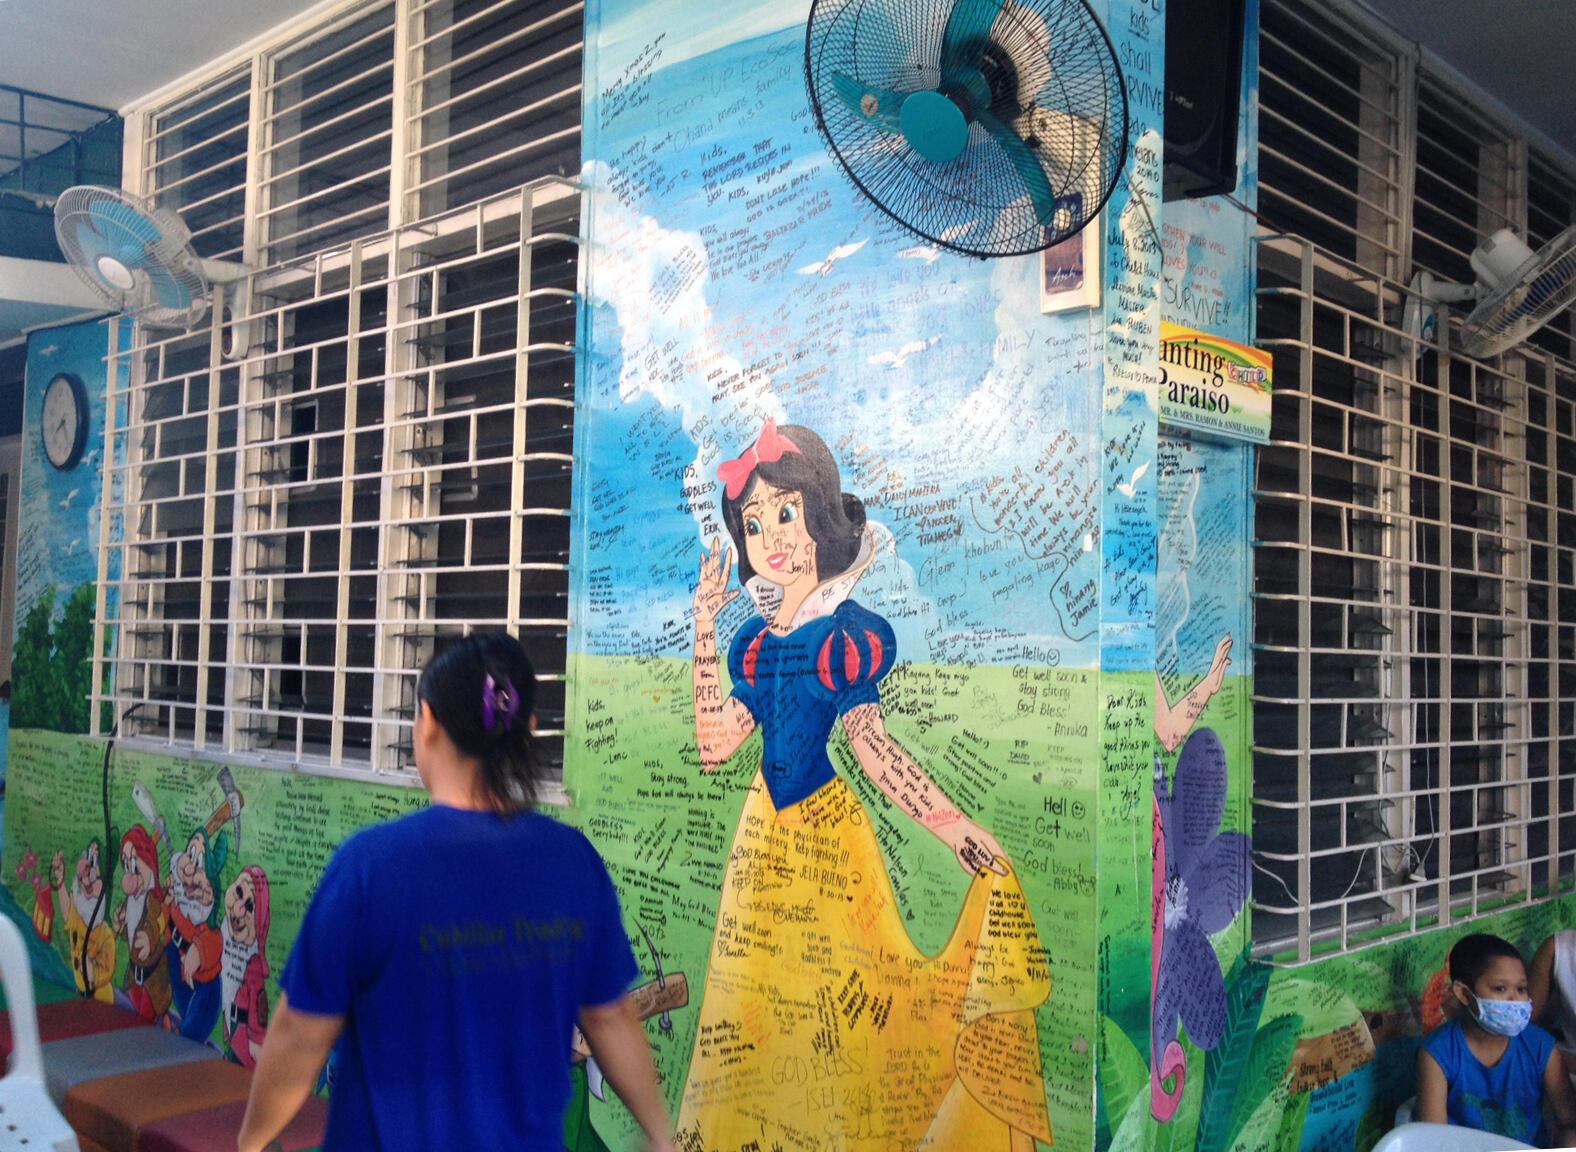 Pour ceux qui n'habitent pas à Manille, une maison accueille les parents des enfants soignés au pcmec, ainsi que ceux en hôpital de jour.